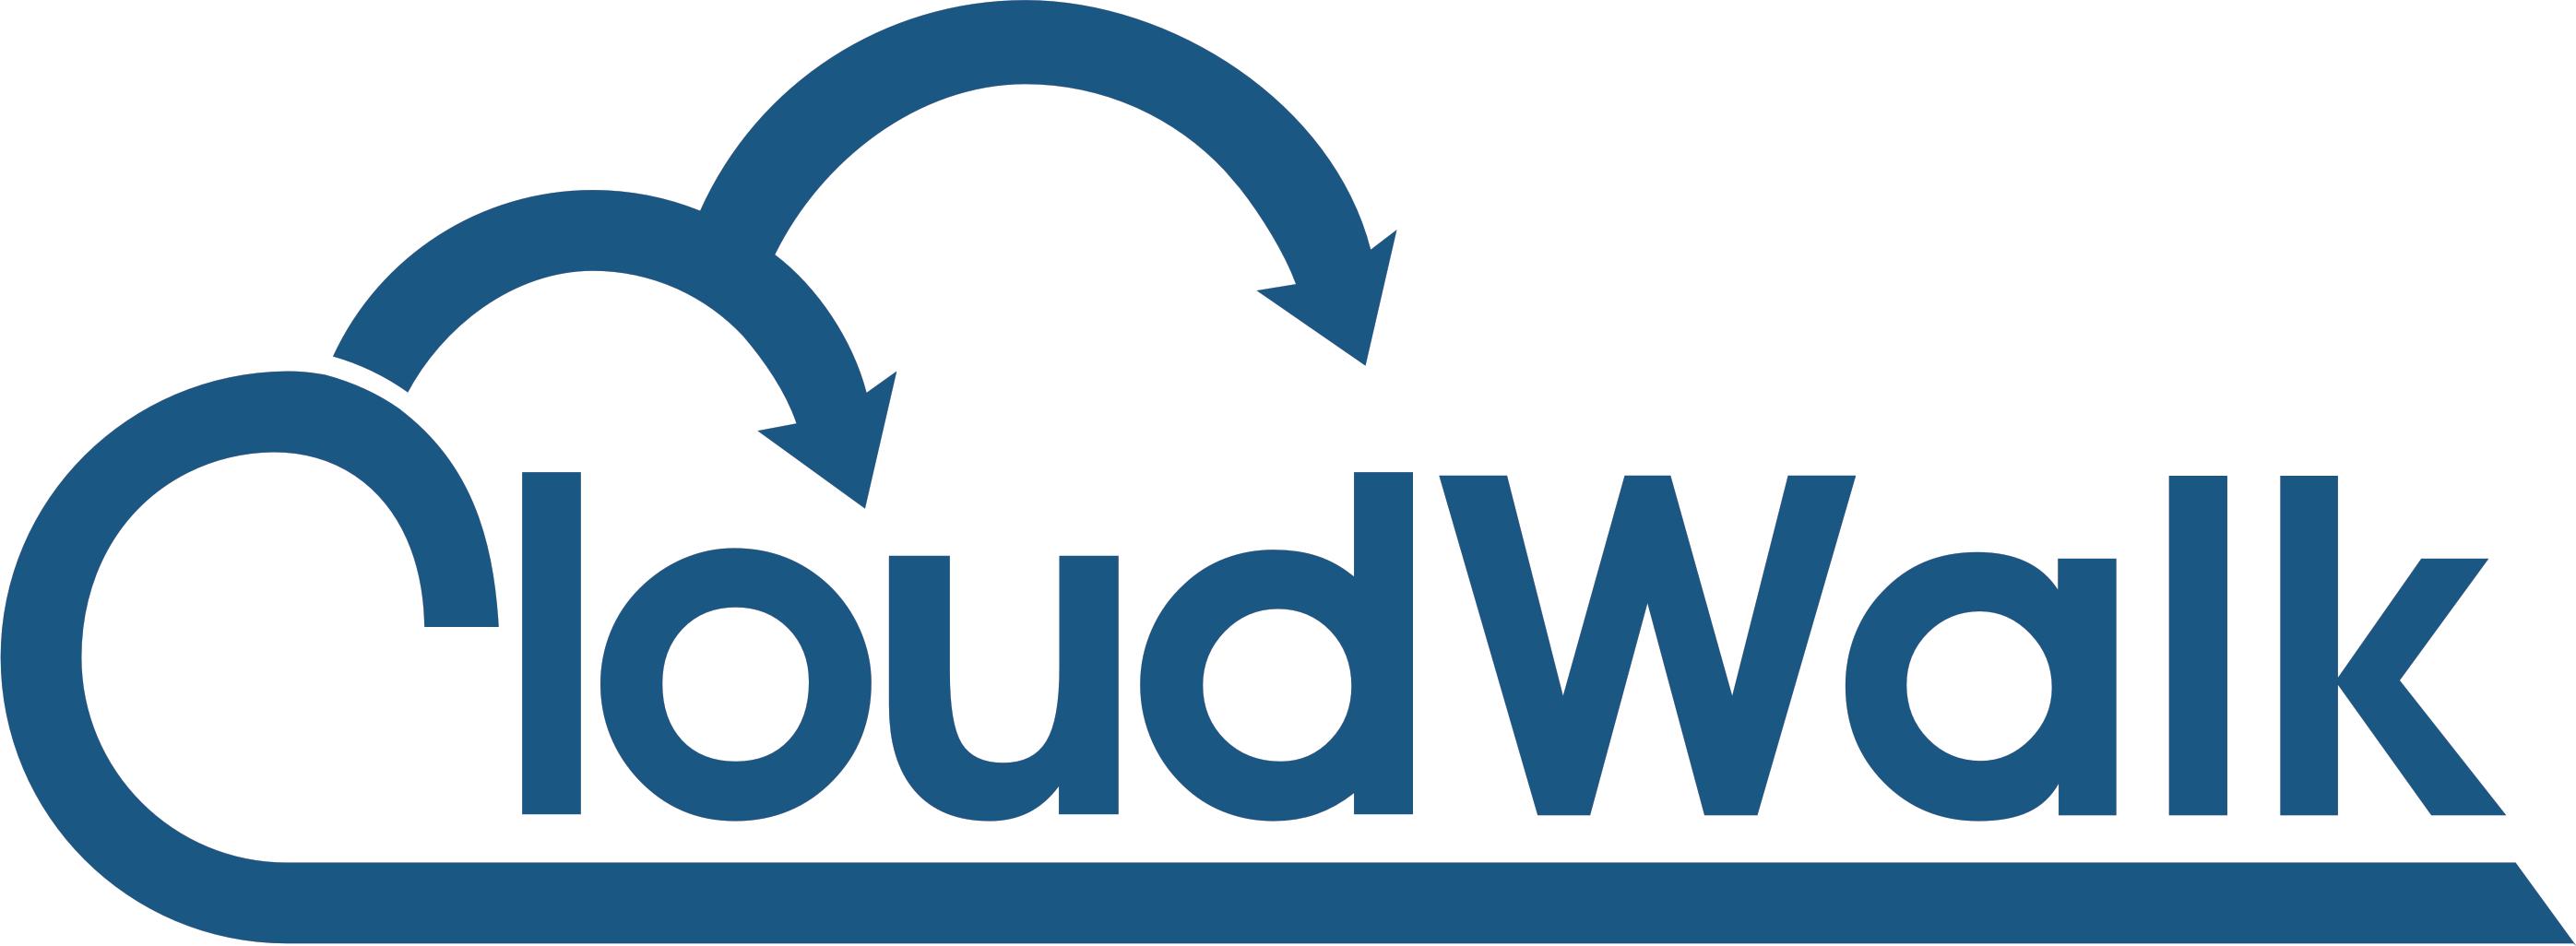 Cloudwalk